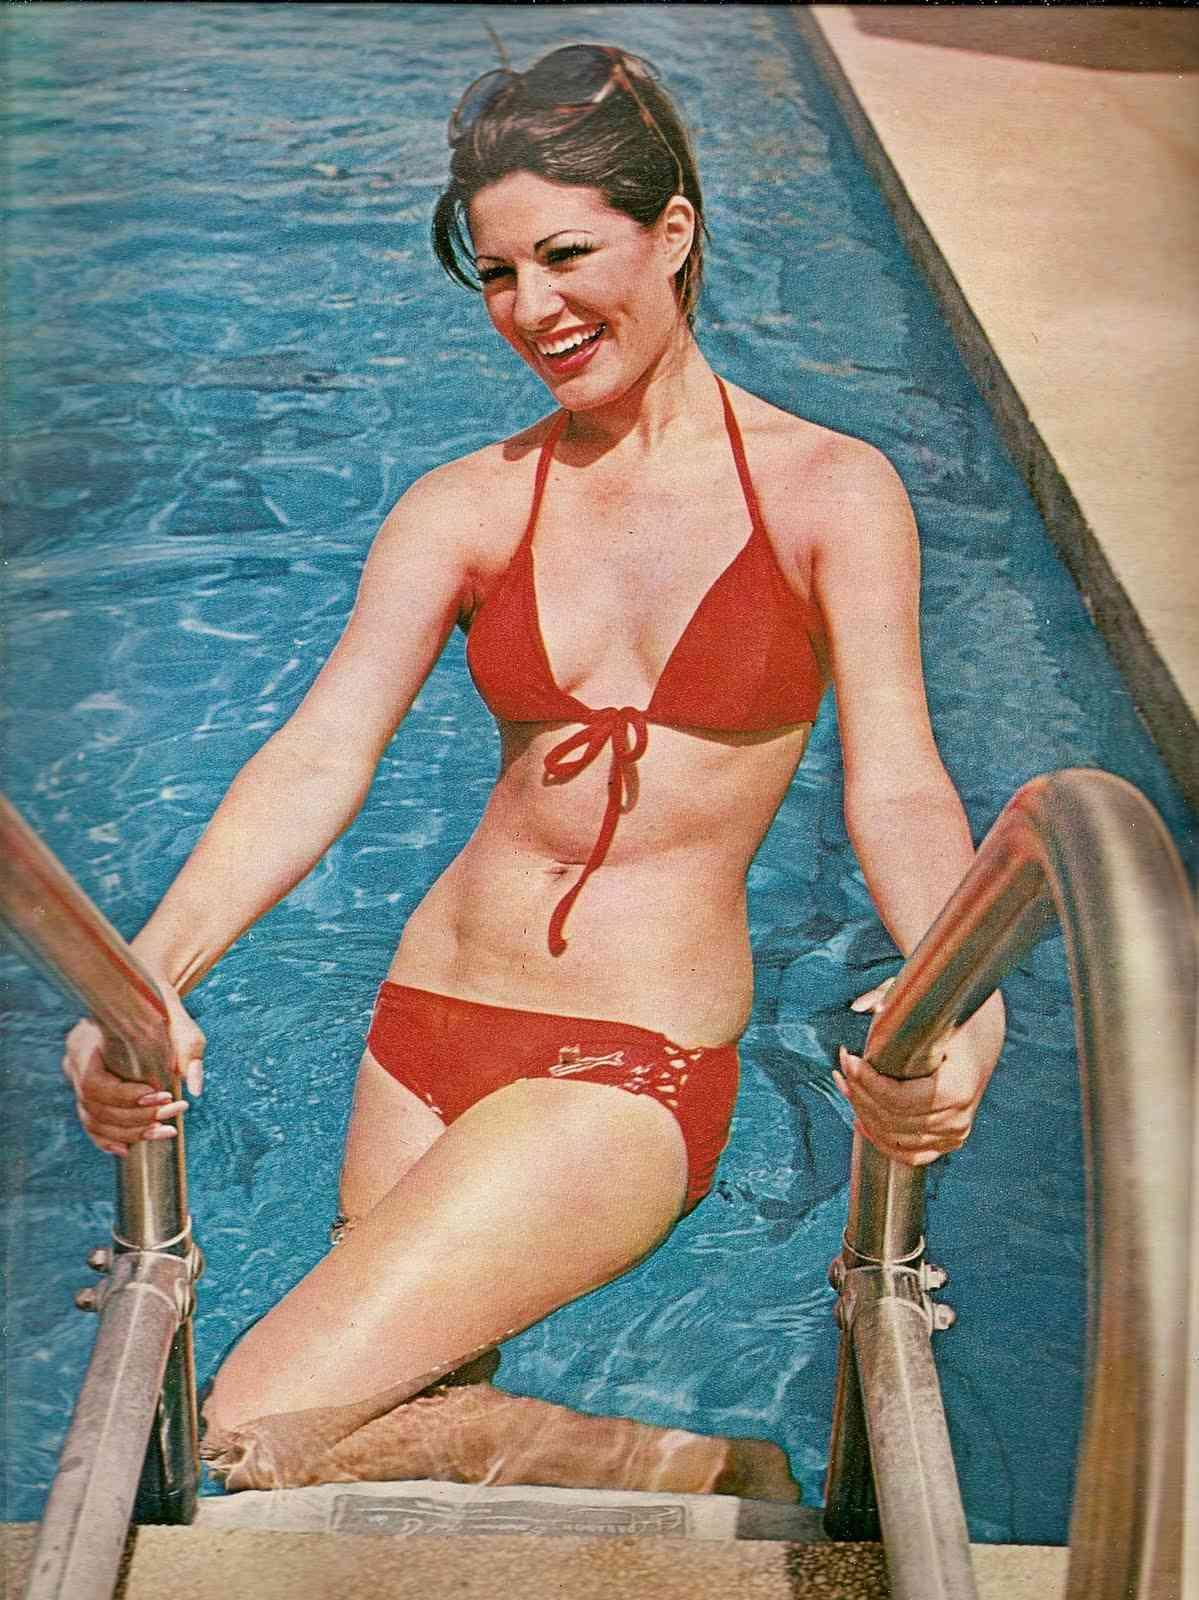 rejane goulart (rejane vieira), top 2 de miss universe 1972 (11/15/1954 - 12/26/2013). † Digita10